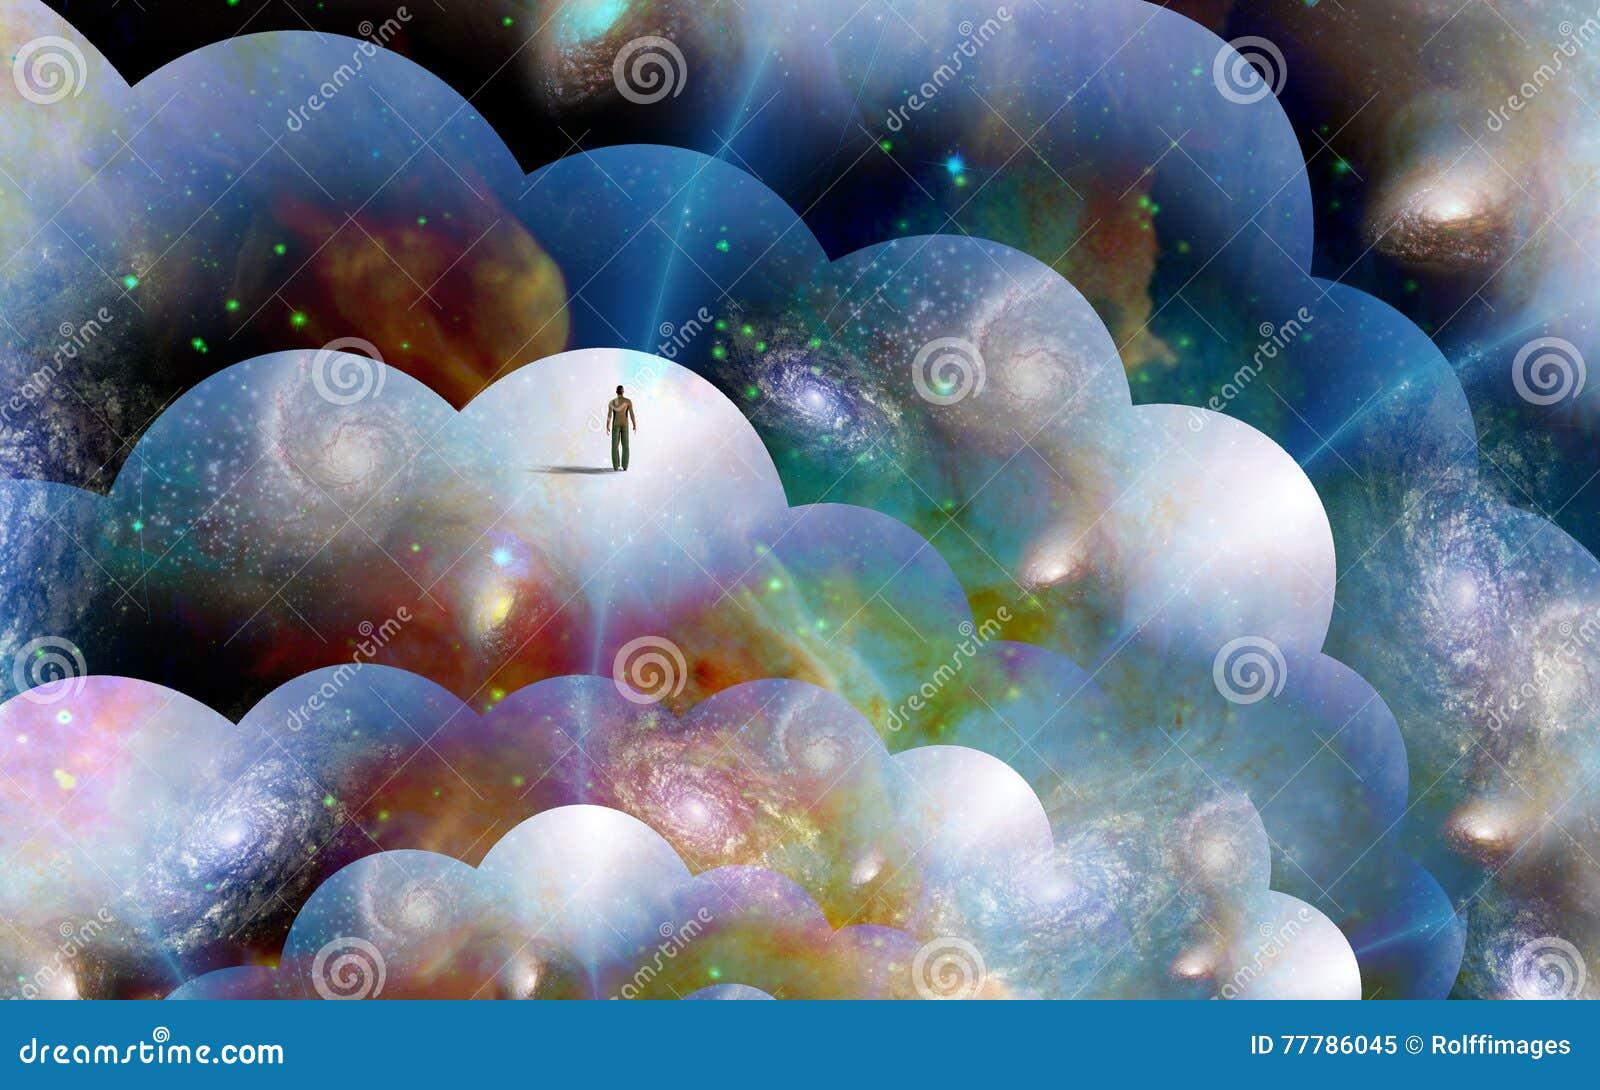 En el multiverse